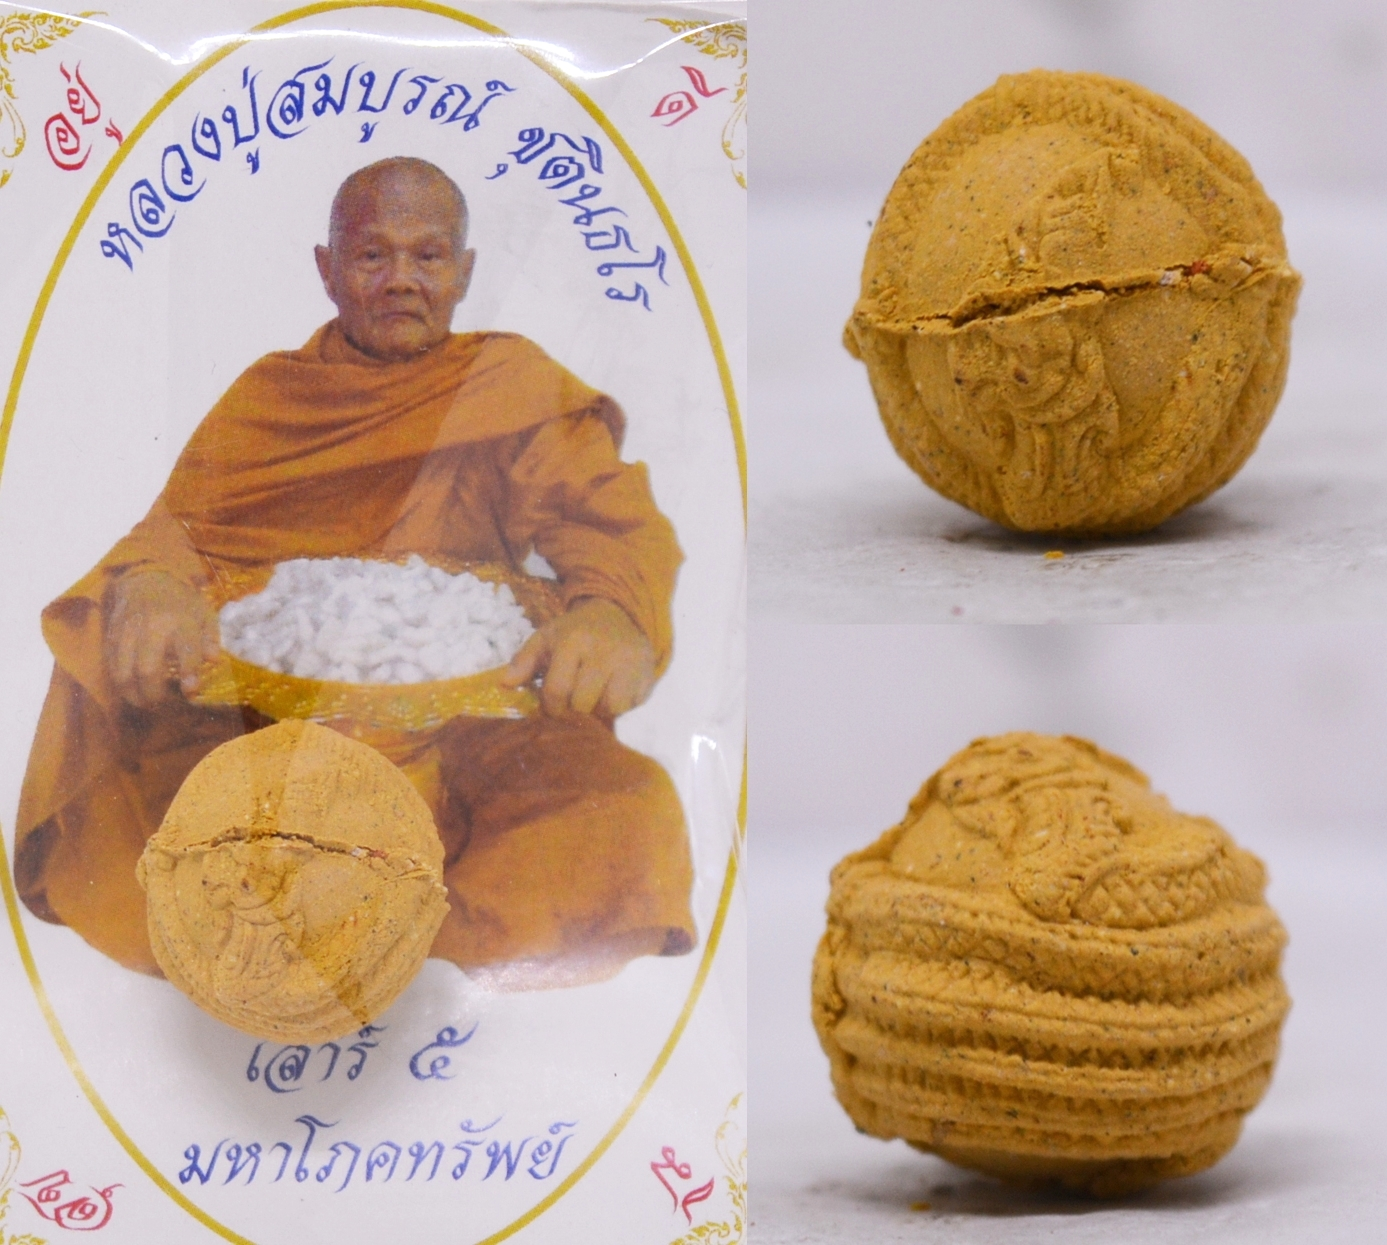 ลูกอม หลวงปู่สมบูรณ์ ชุตินธโร อายุ 86 ปี 2557 ขนาด 2.0 ซม